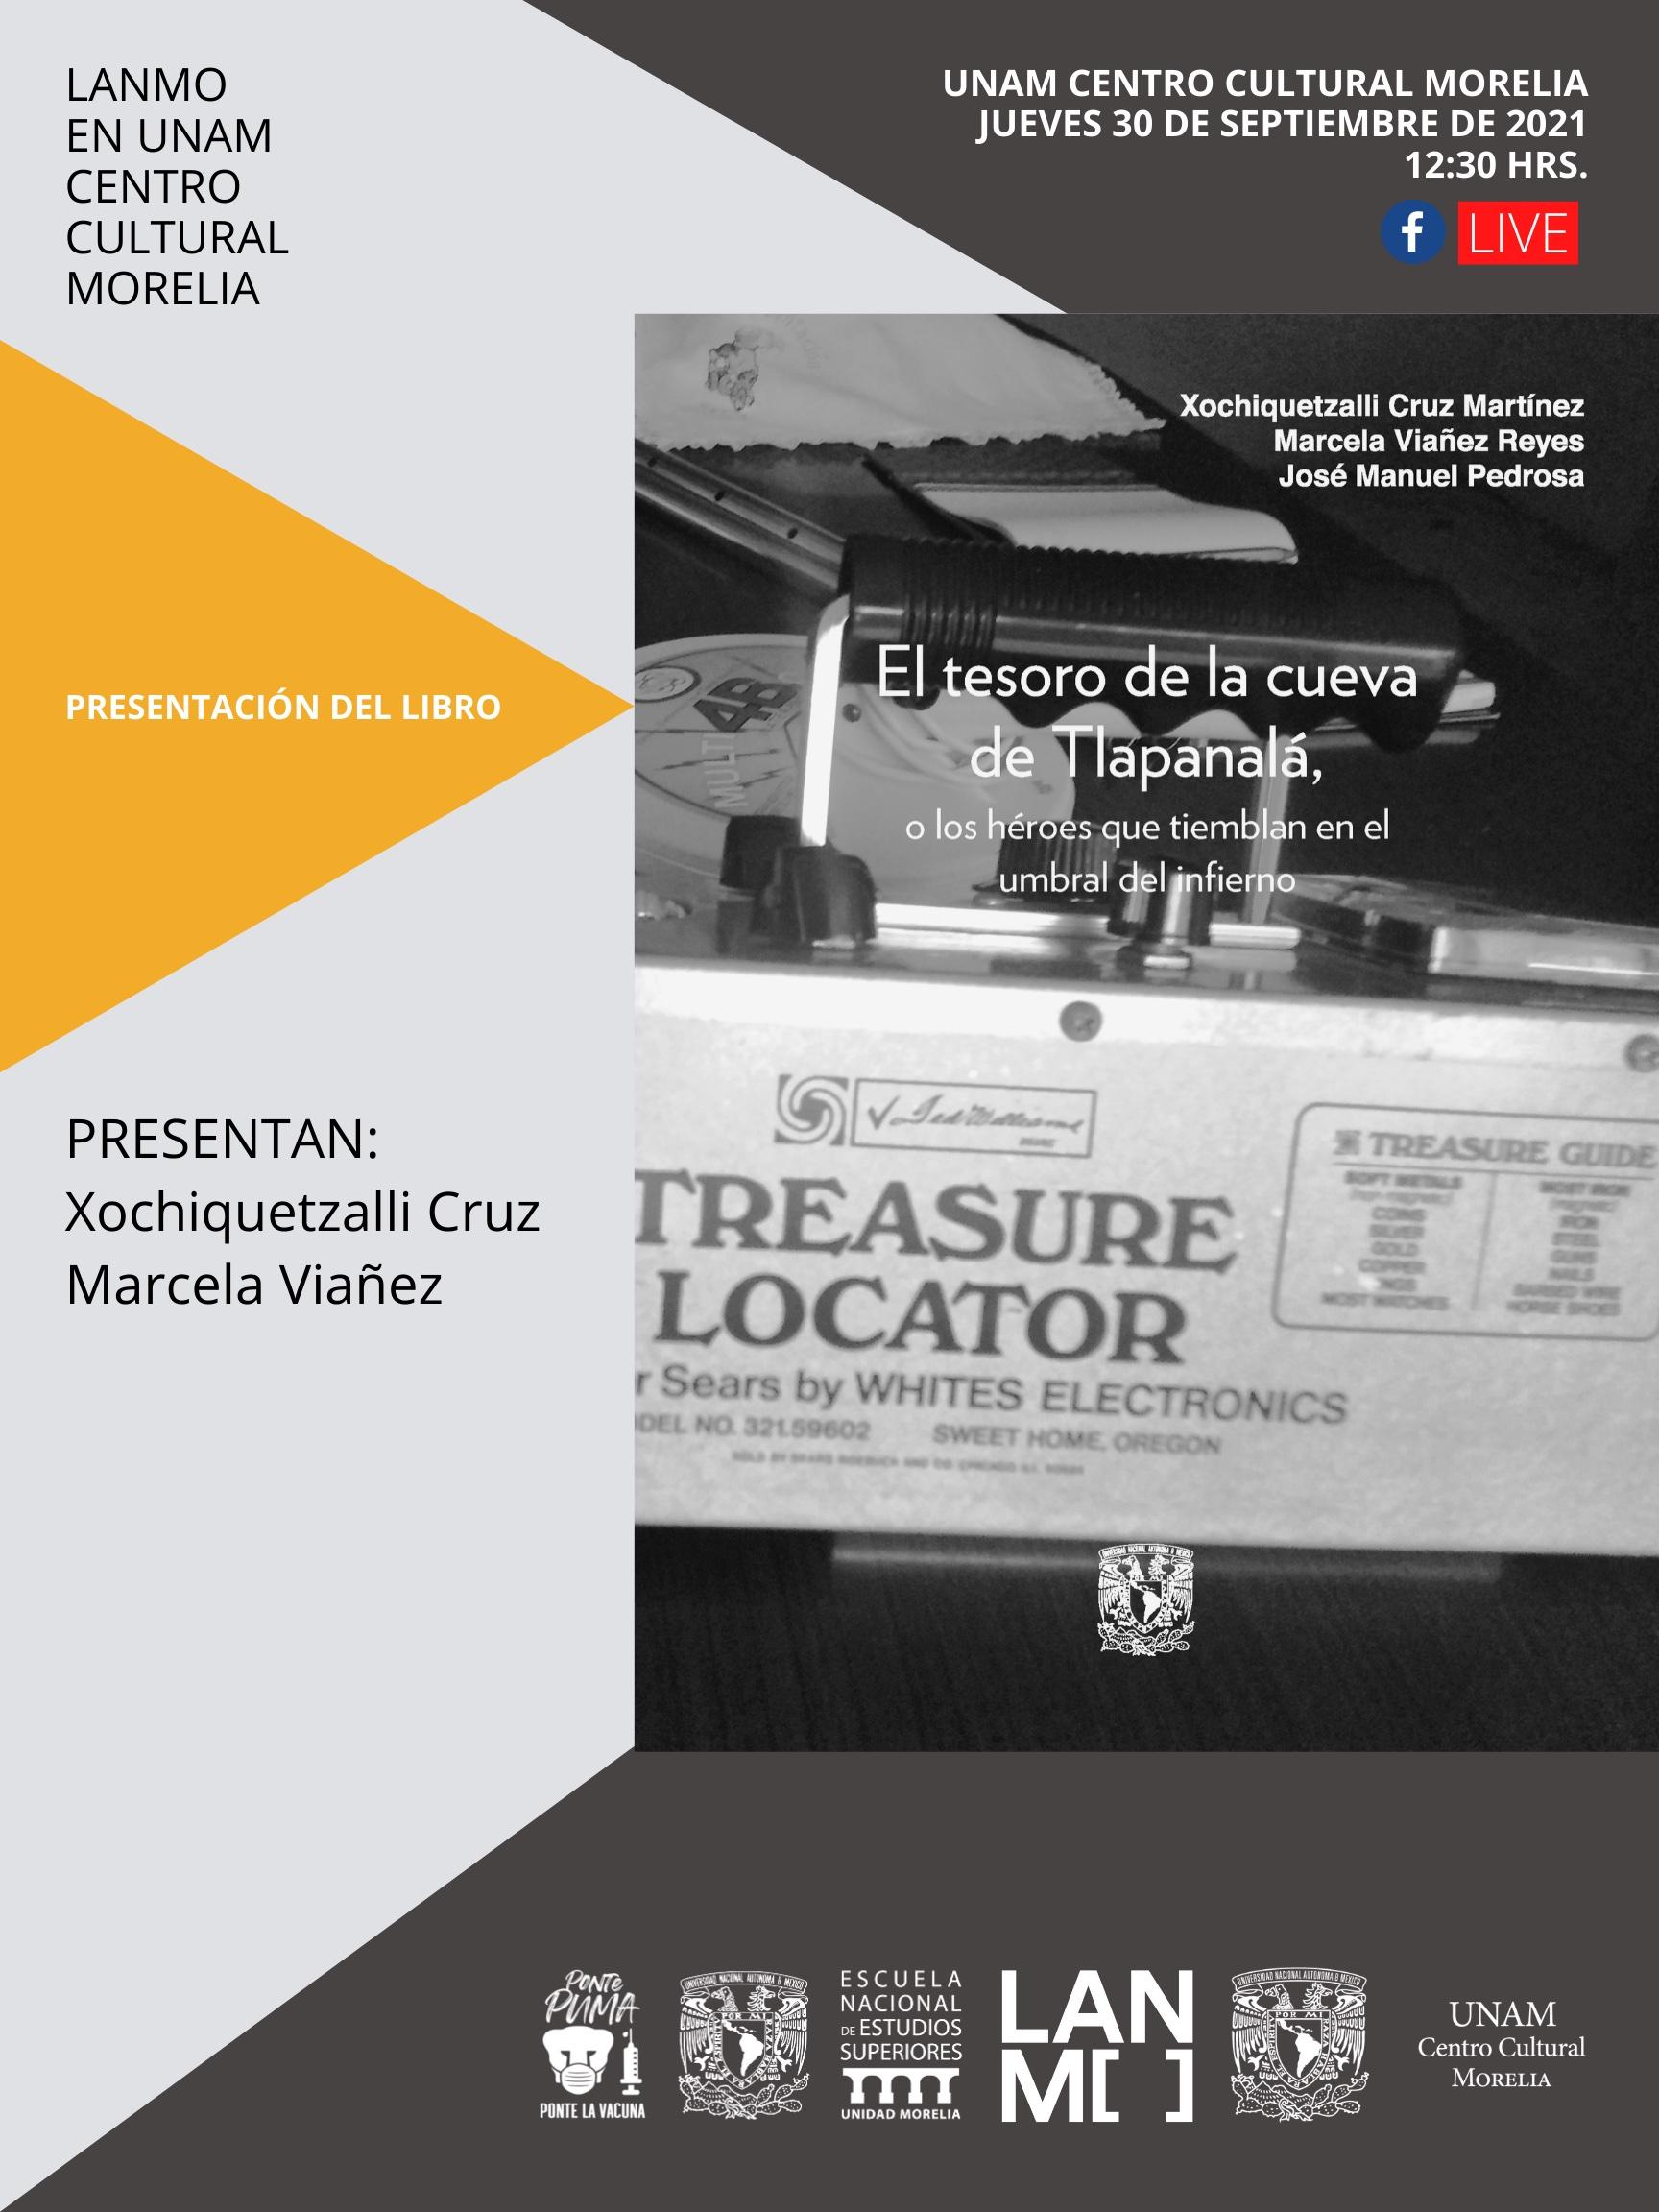 LANMO editorial presenta El Tesoro de la cueva de Tlapanalá